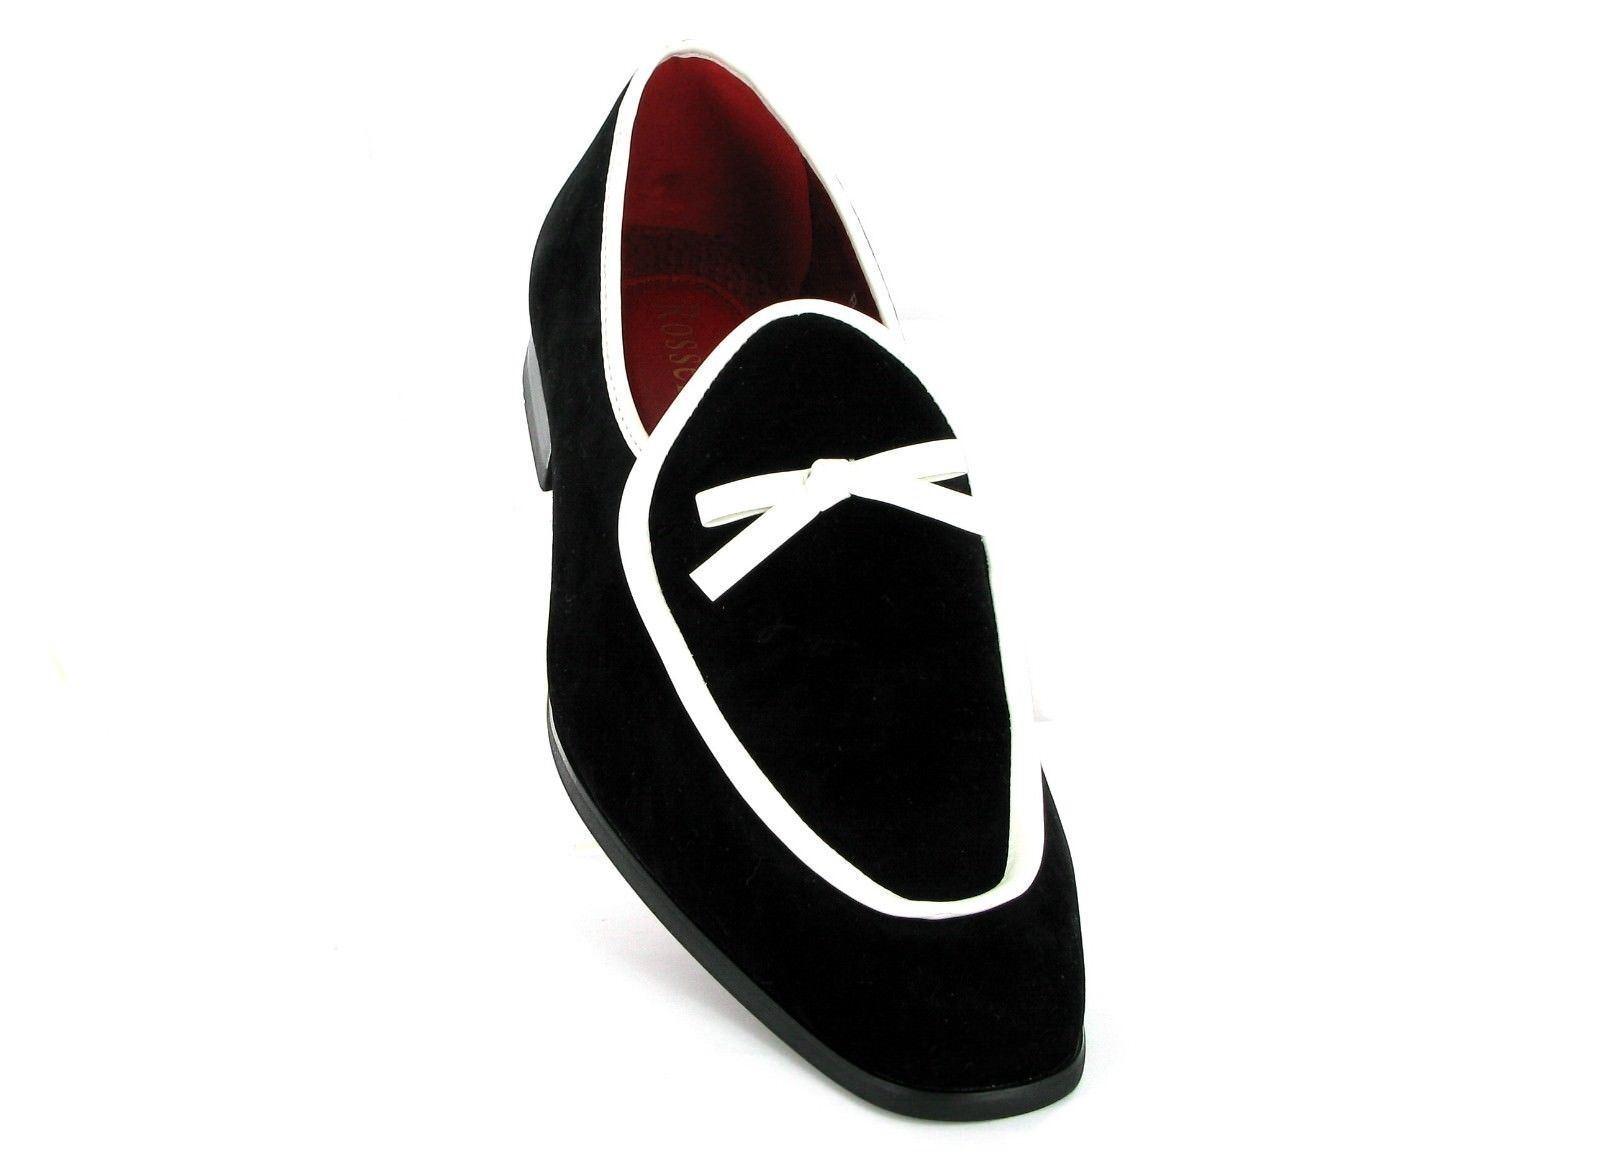 Rossellini Jude Da Uomo Mocassino Scarpe Scarpe Scarpe Nero Bianco in Finta Pelle Scamosciata Stile Mocassino a pugni | Nuovo Arrivo  | Scolaro/Signora Scarpa  77b439